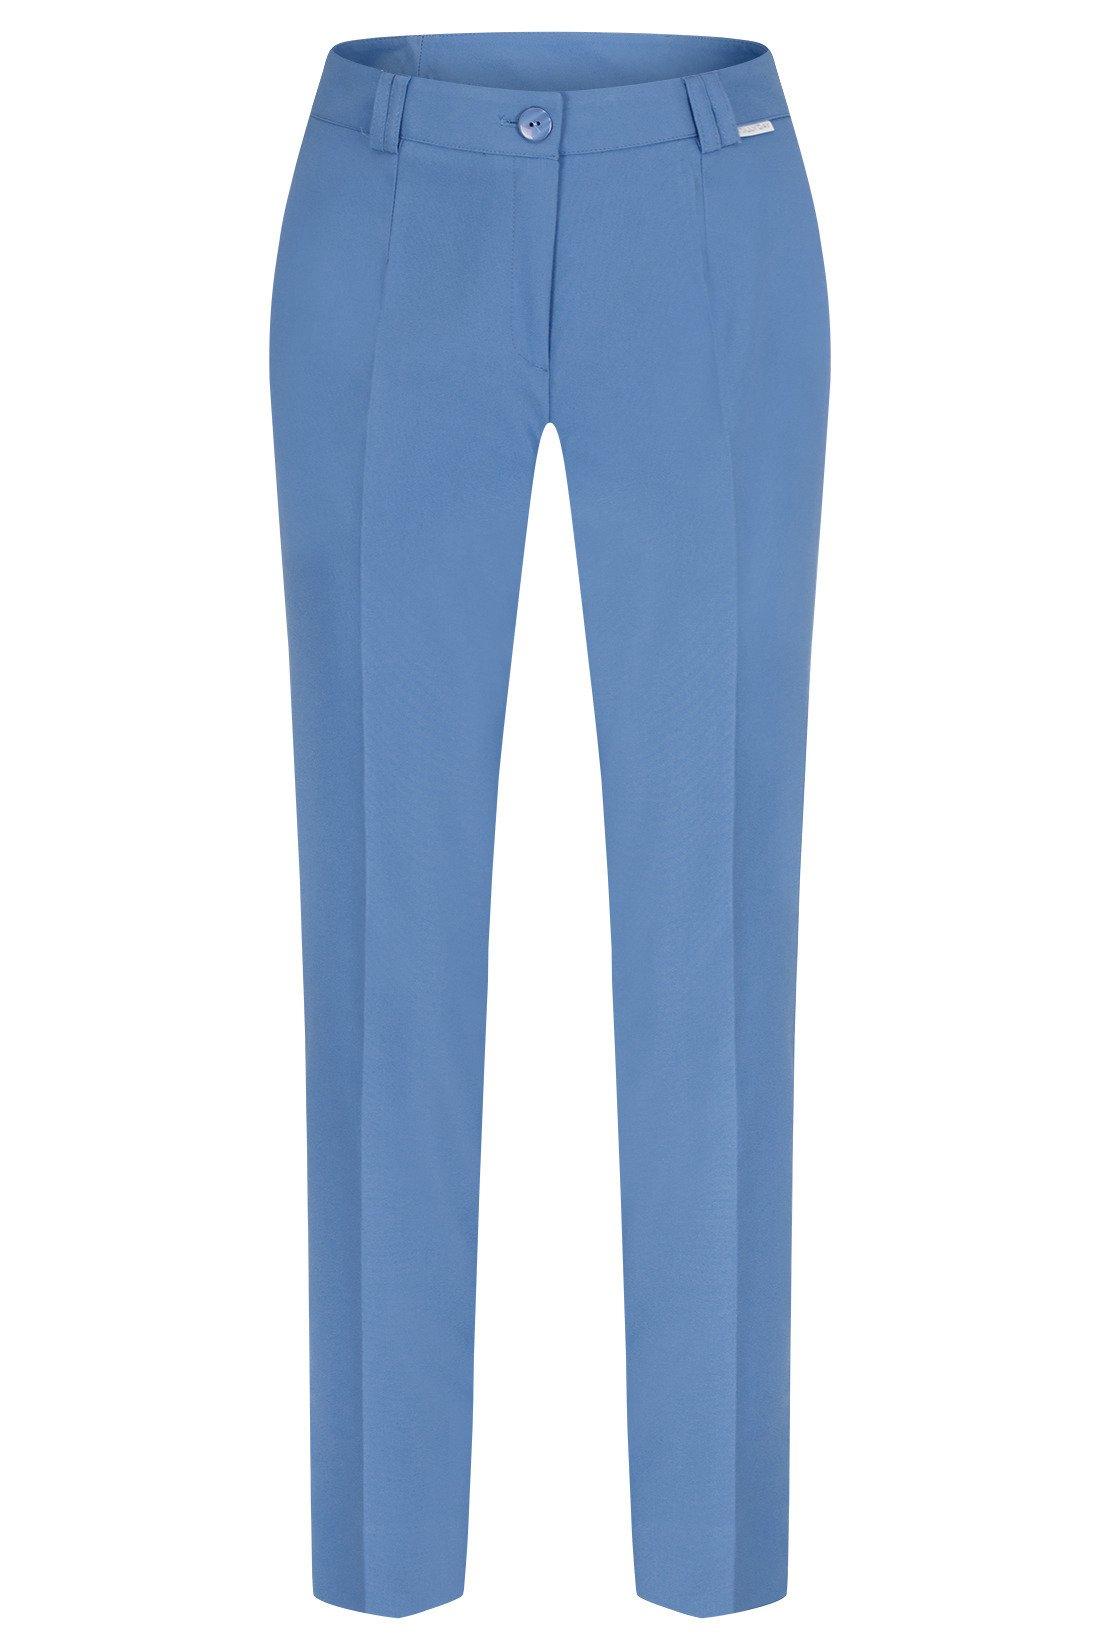 ff8d76ee Spodnie damskie Hela jasny jeansowy rozciągliwe wysokie w stanie długość 7/8